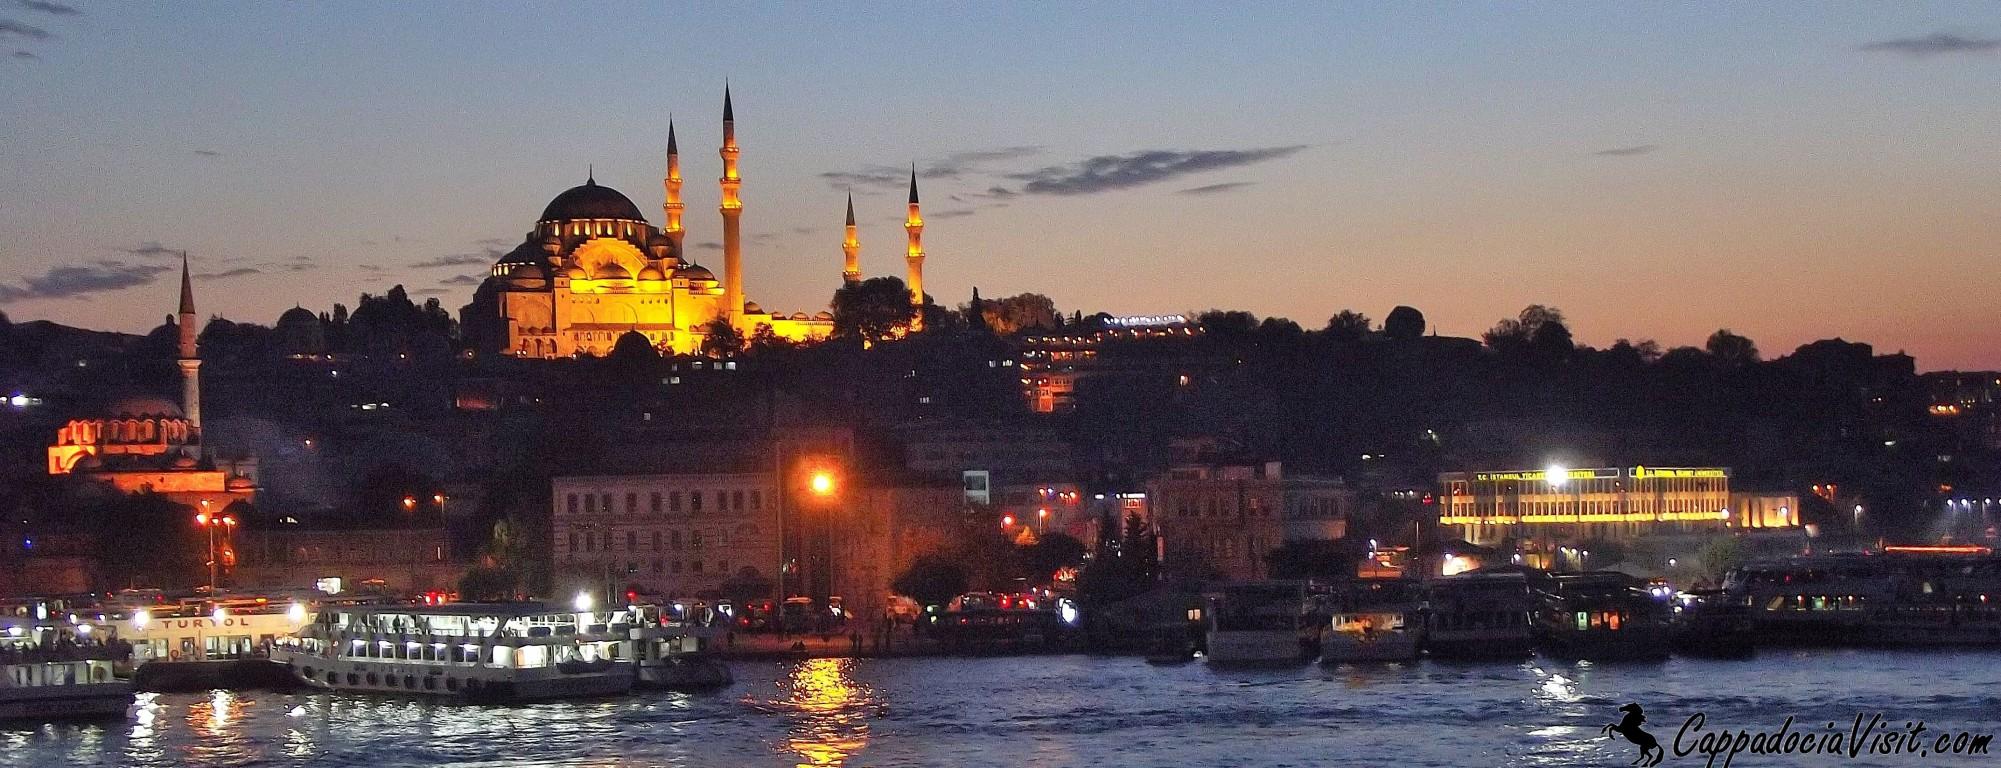 Мечеть Сулеймана Великолепного при закате